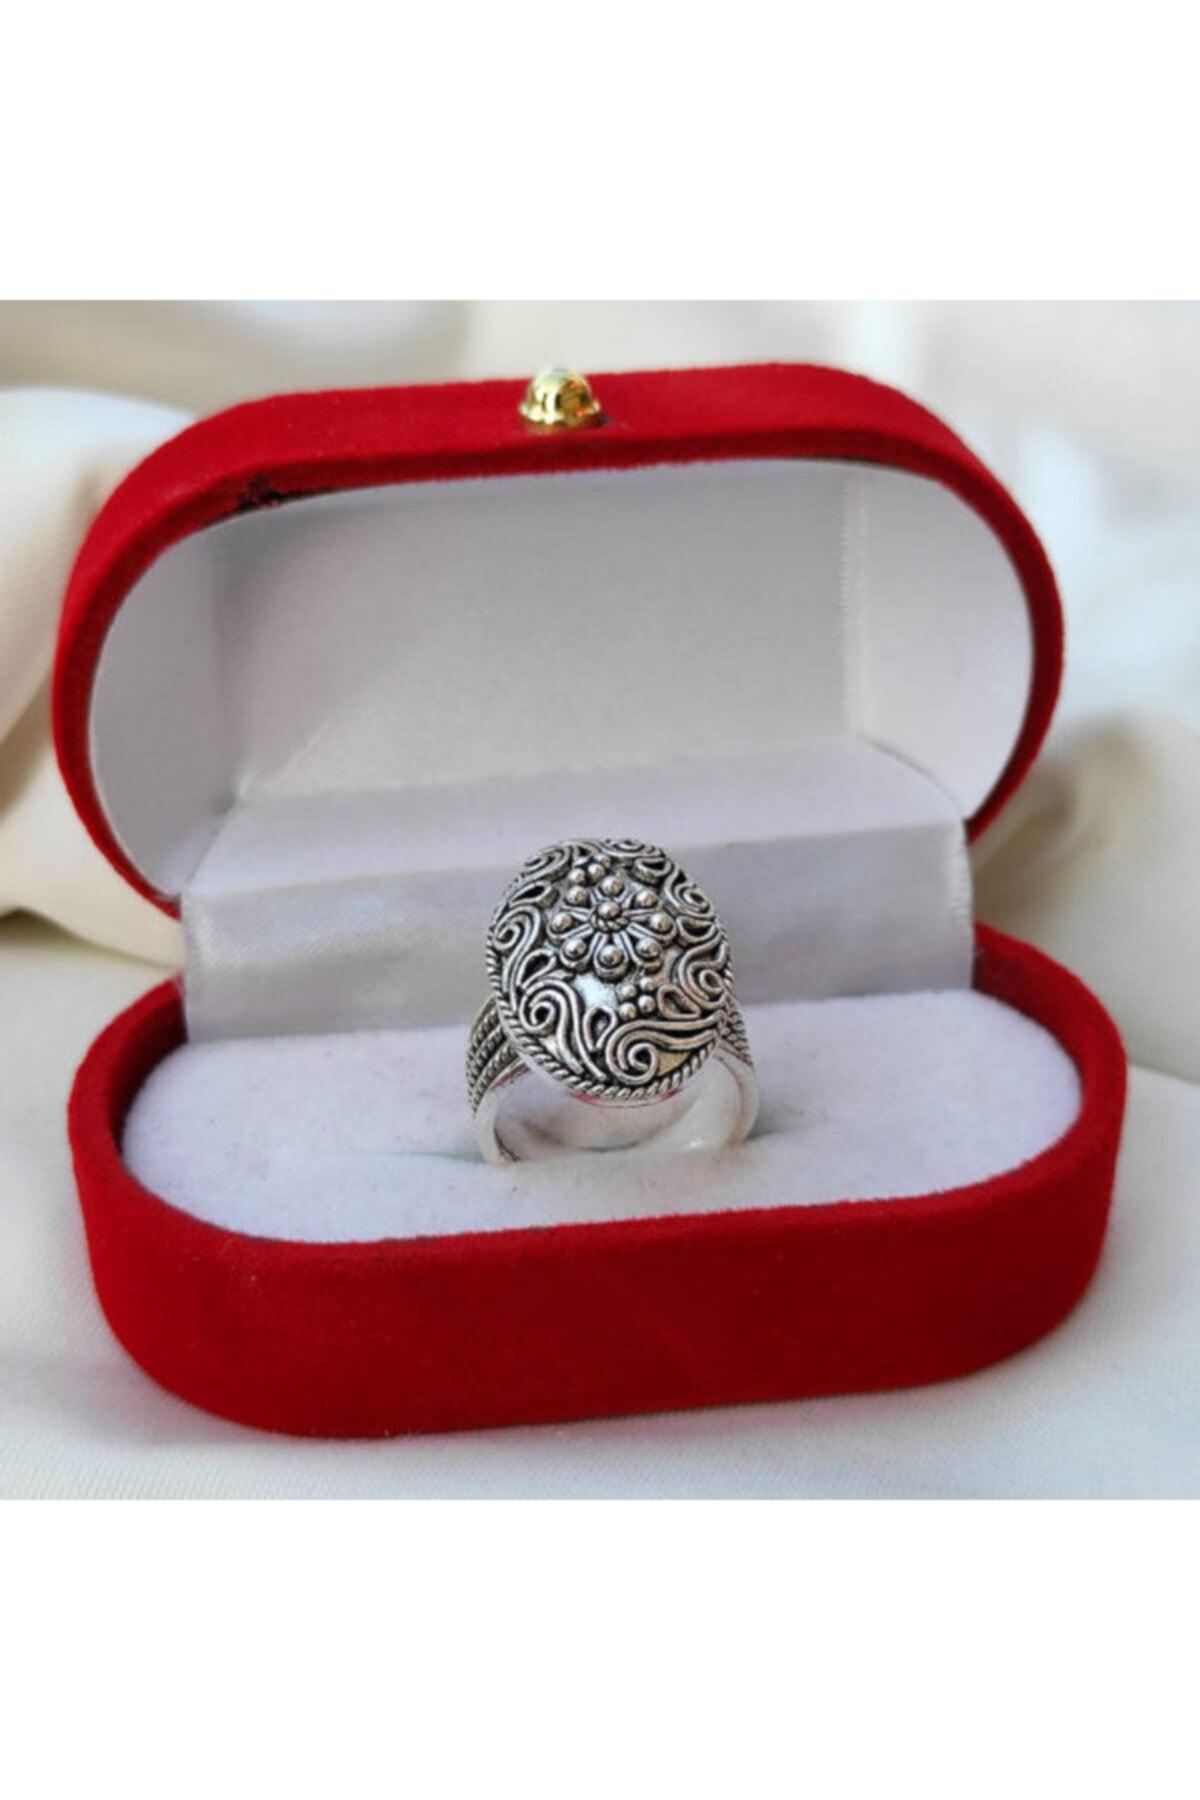 Telkari Dünyası Kadın Çiçek Işlemeli Oval Telkari Gümüş Yüzük 1